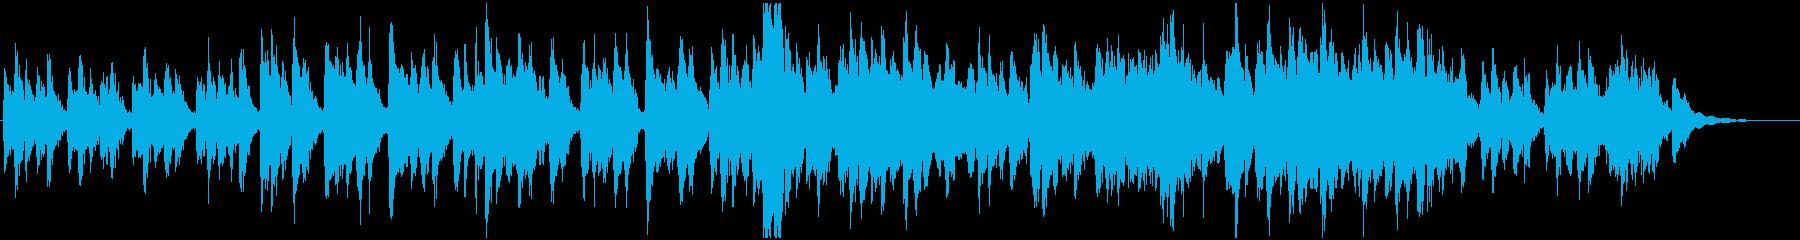 シネマティック 魔法 説明的 ポジ...の再生済みの波形